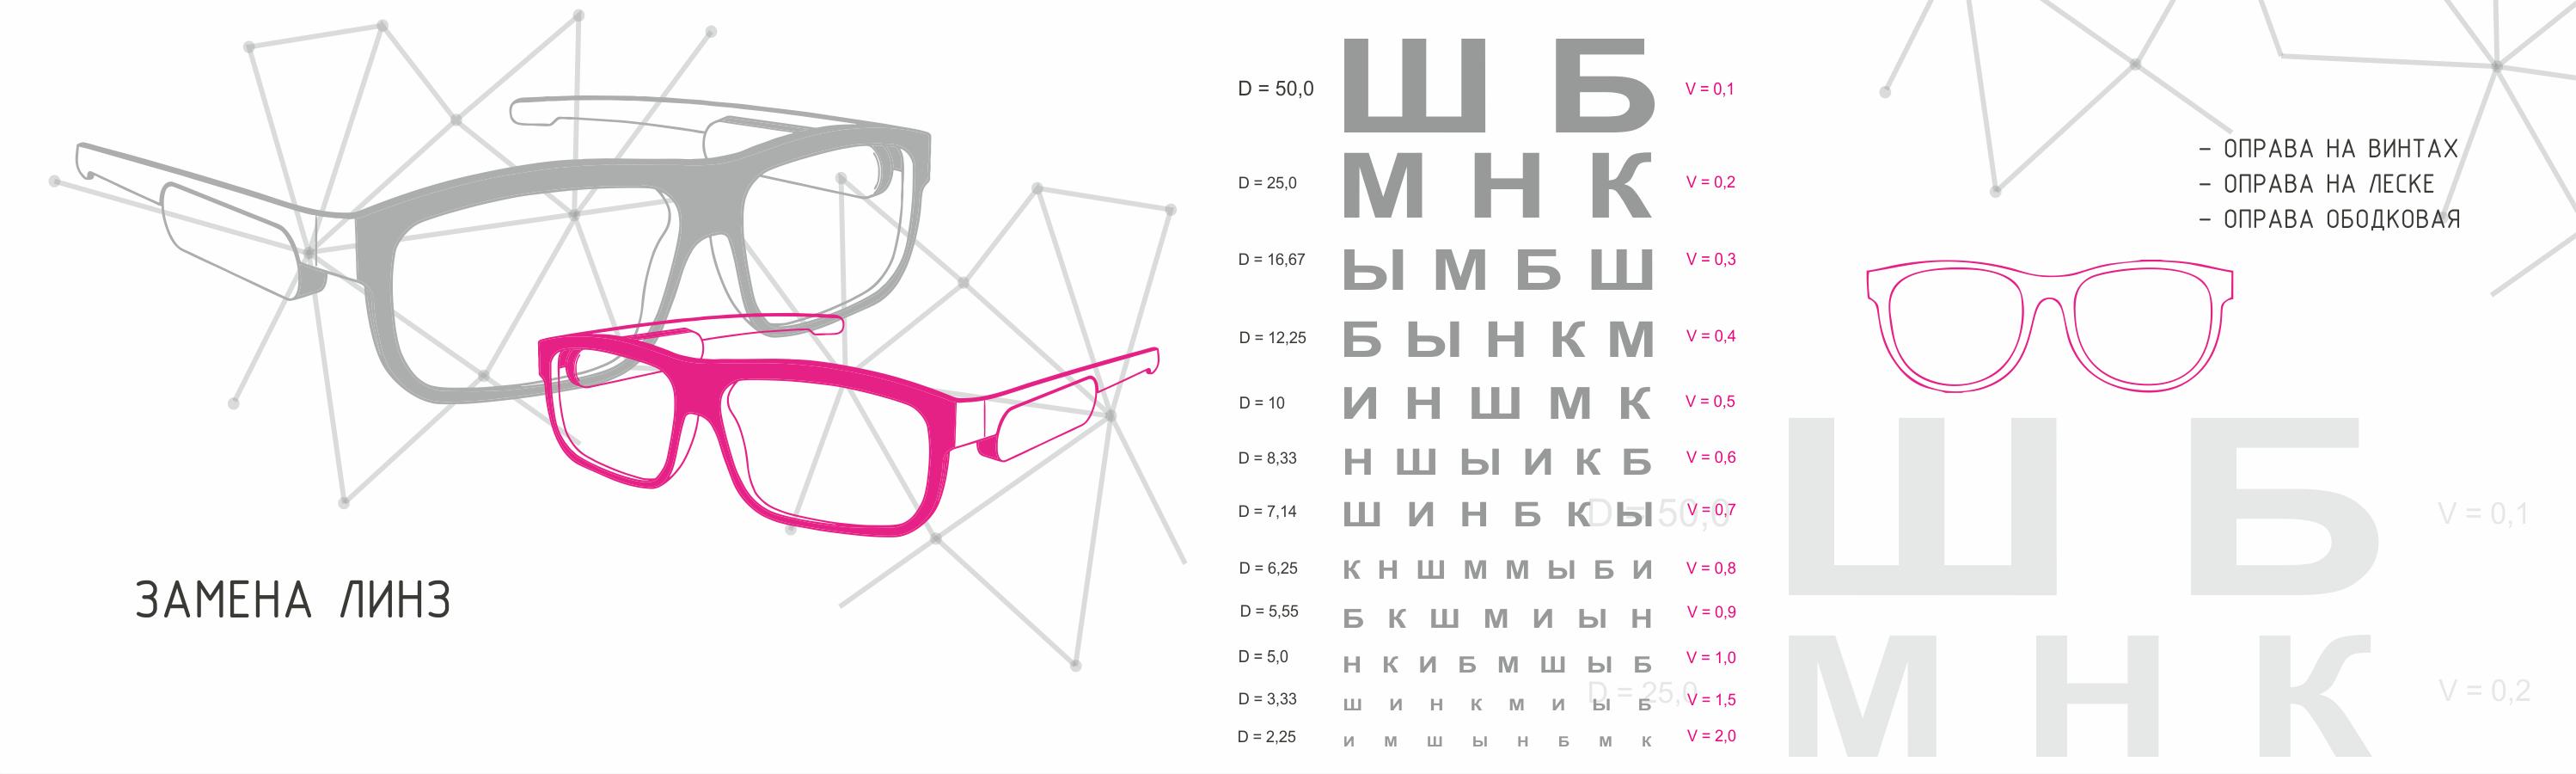 Создание нескольких графических панно для оптической компани фото f_418590065c005627.png